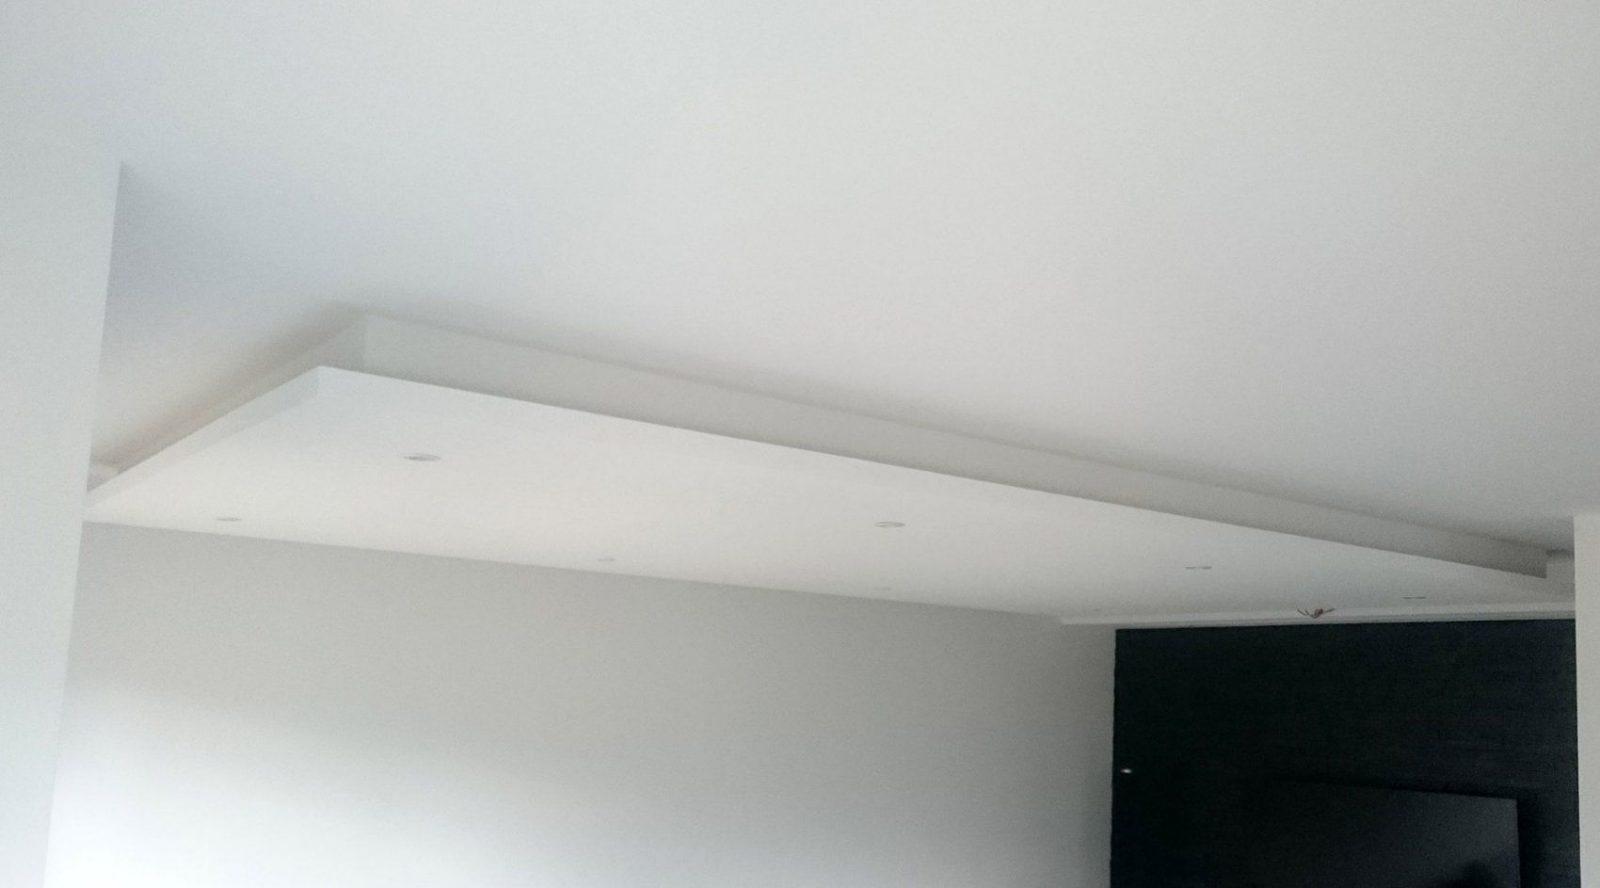 Abgehängte Decke Mit Indirekter Beleuchtung (Lichtvouten) Selber Machen von Indirekte Beleuchtung Selber Bauen Wand Photo